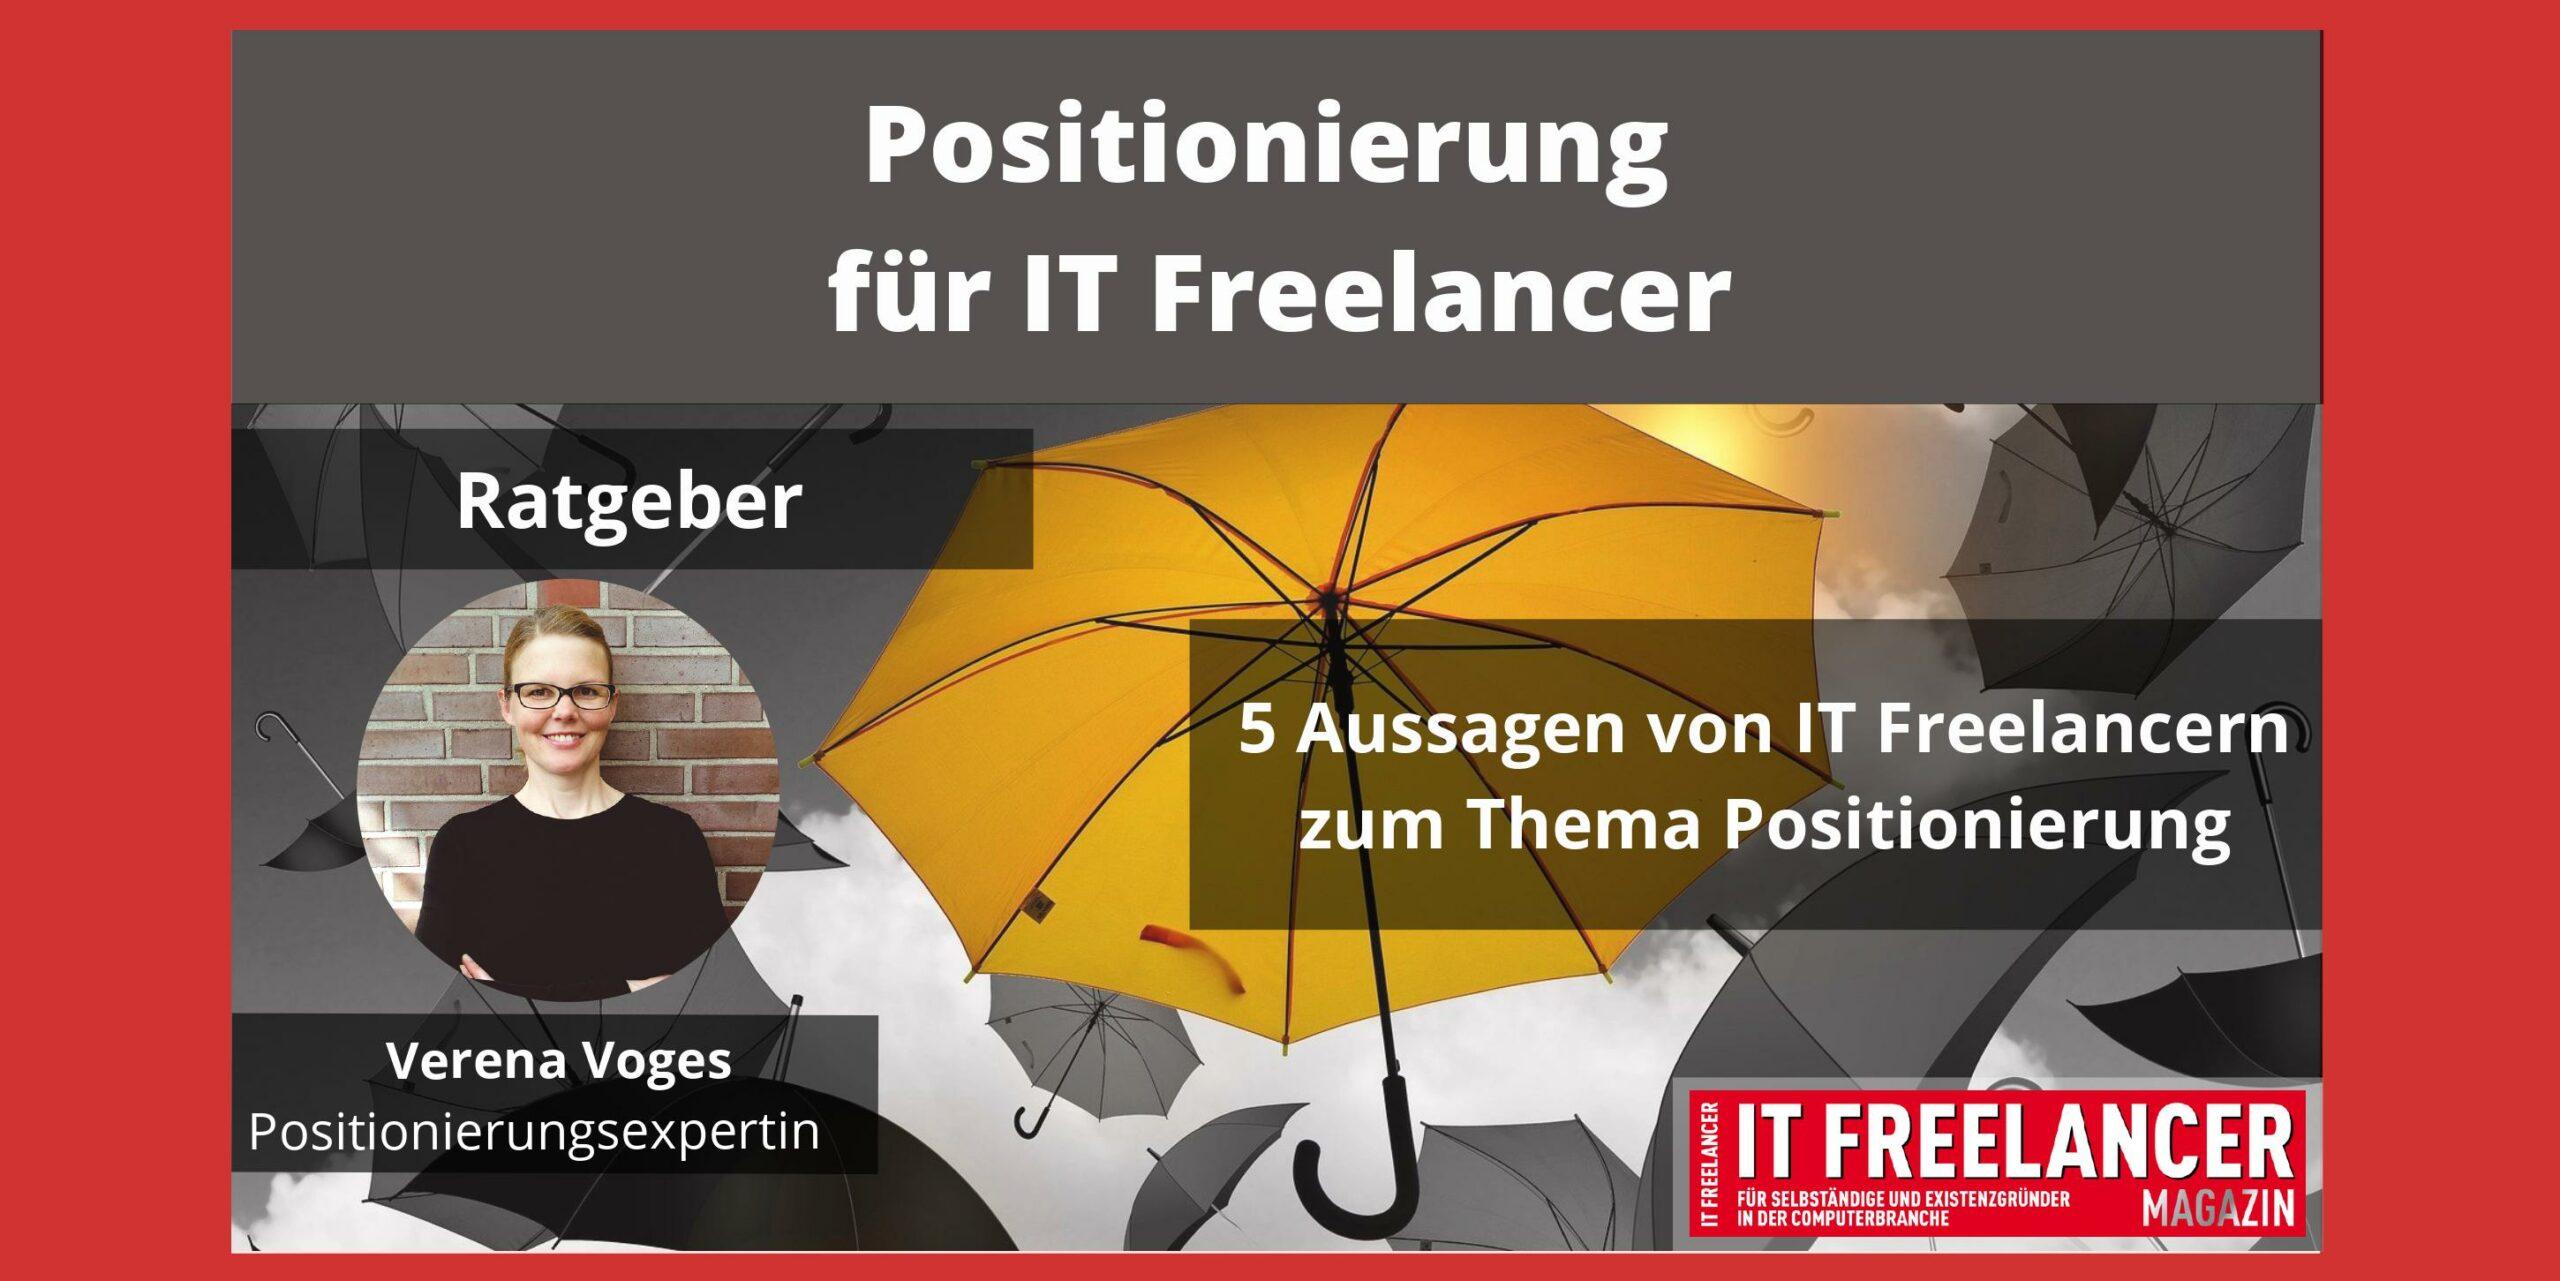 Positionierung für IT Freelancer